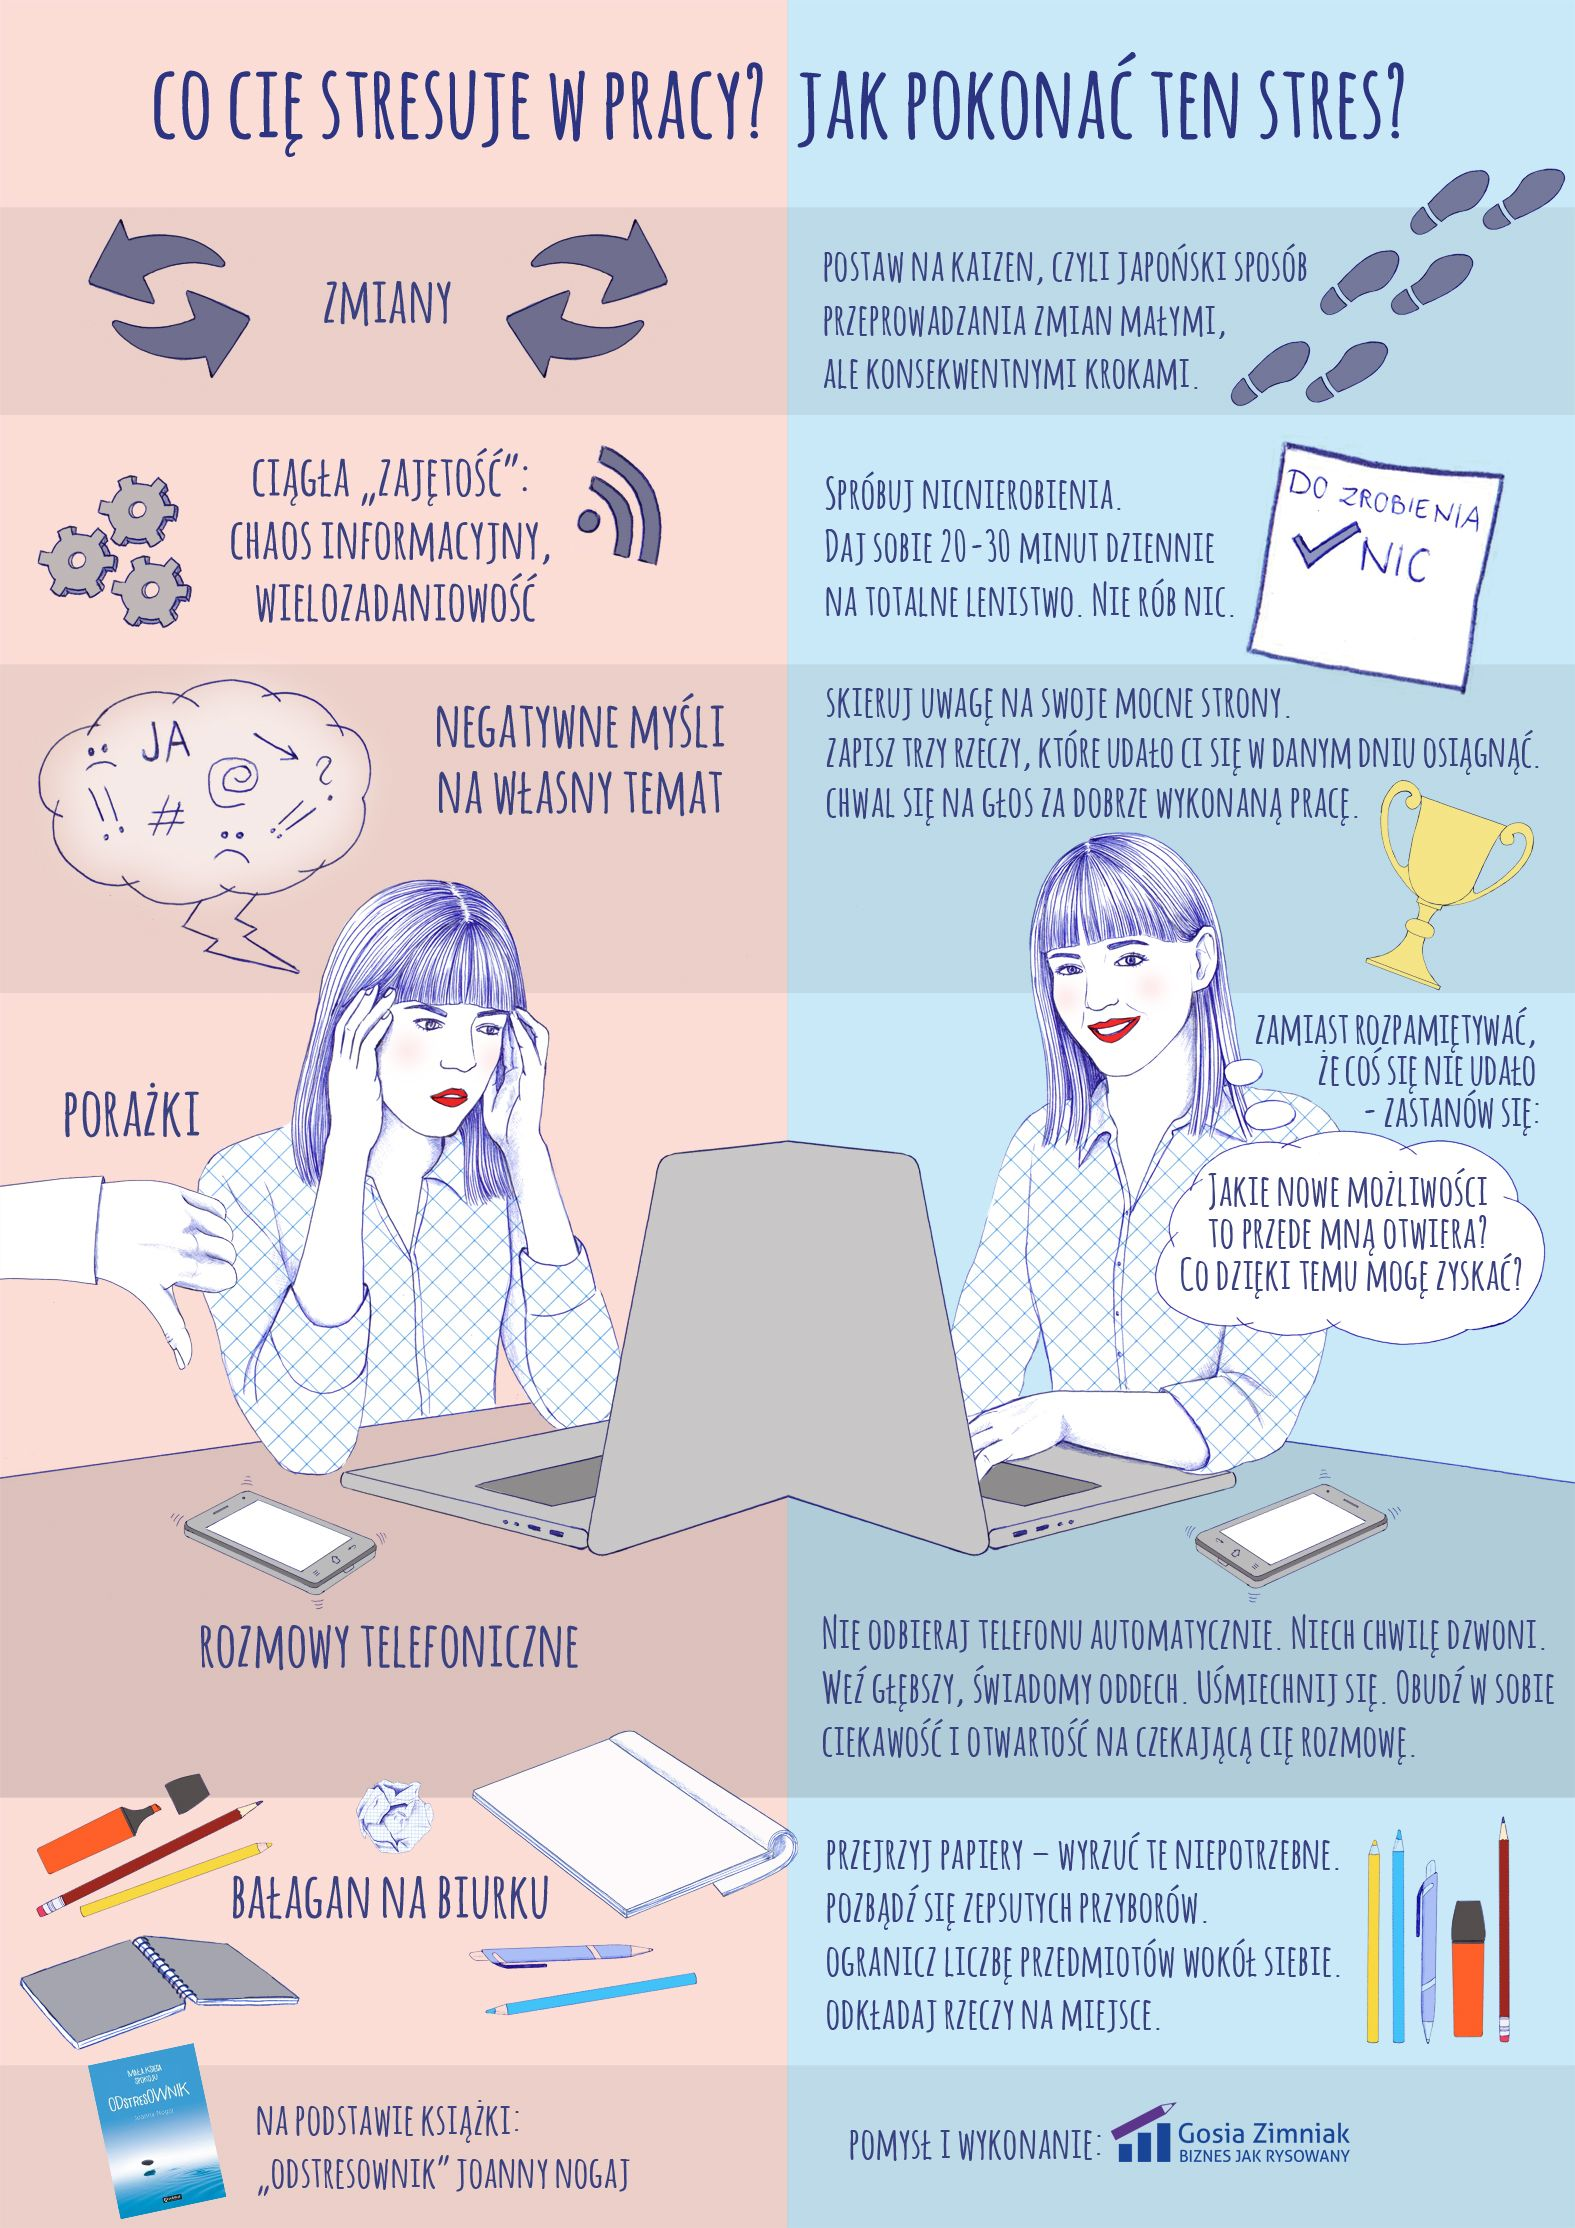 Co Cie Stresuje W Pracy Jak Pokonac Stres Infografika I Konkurs